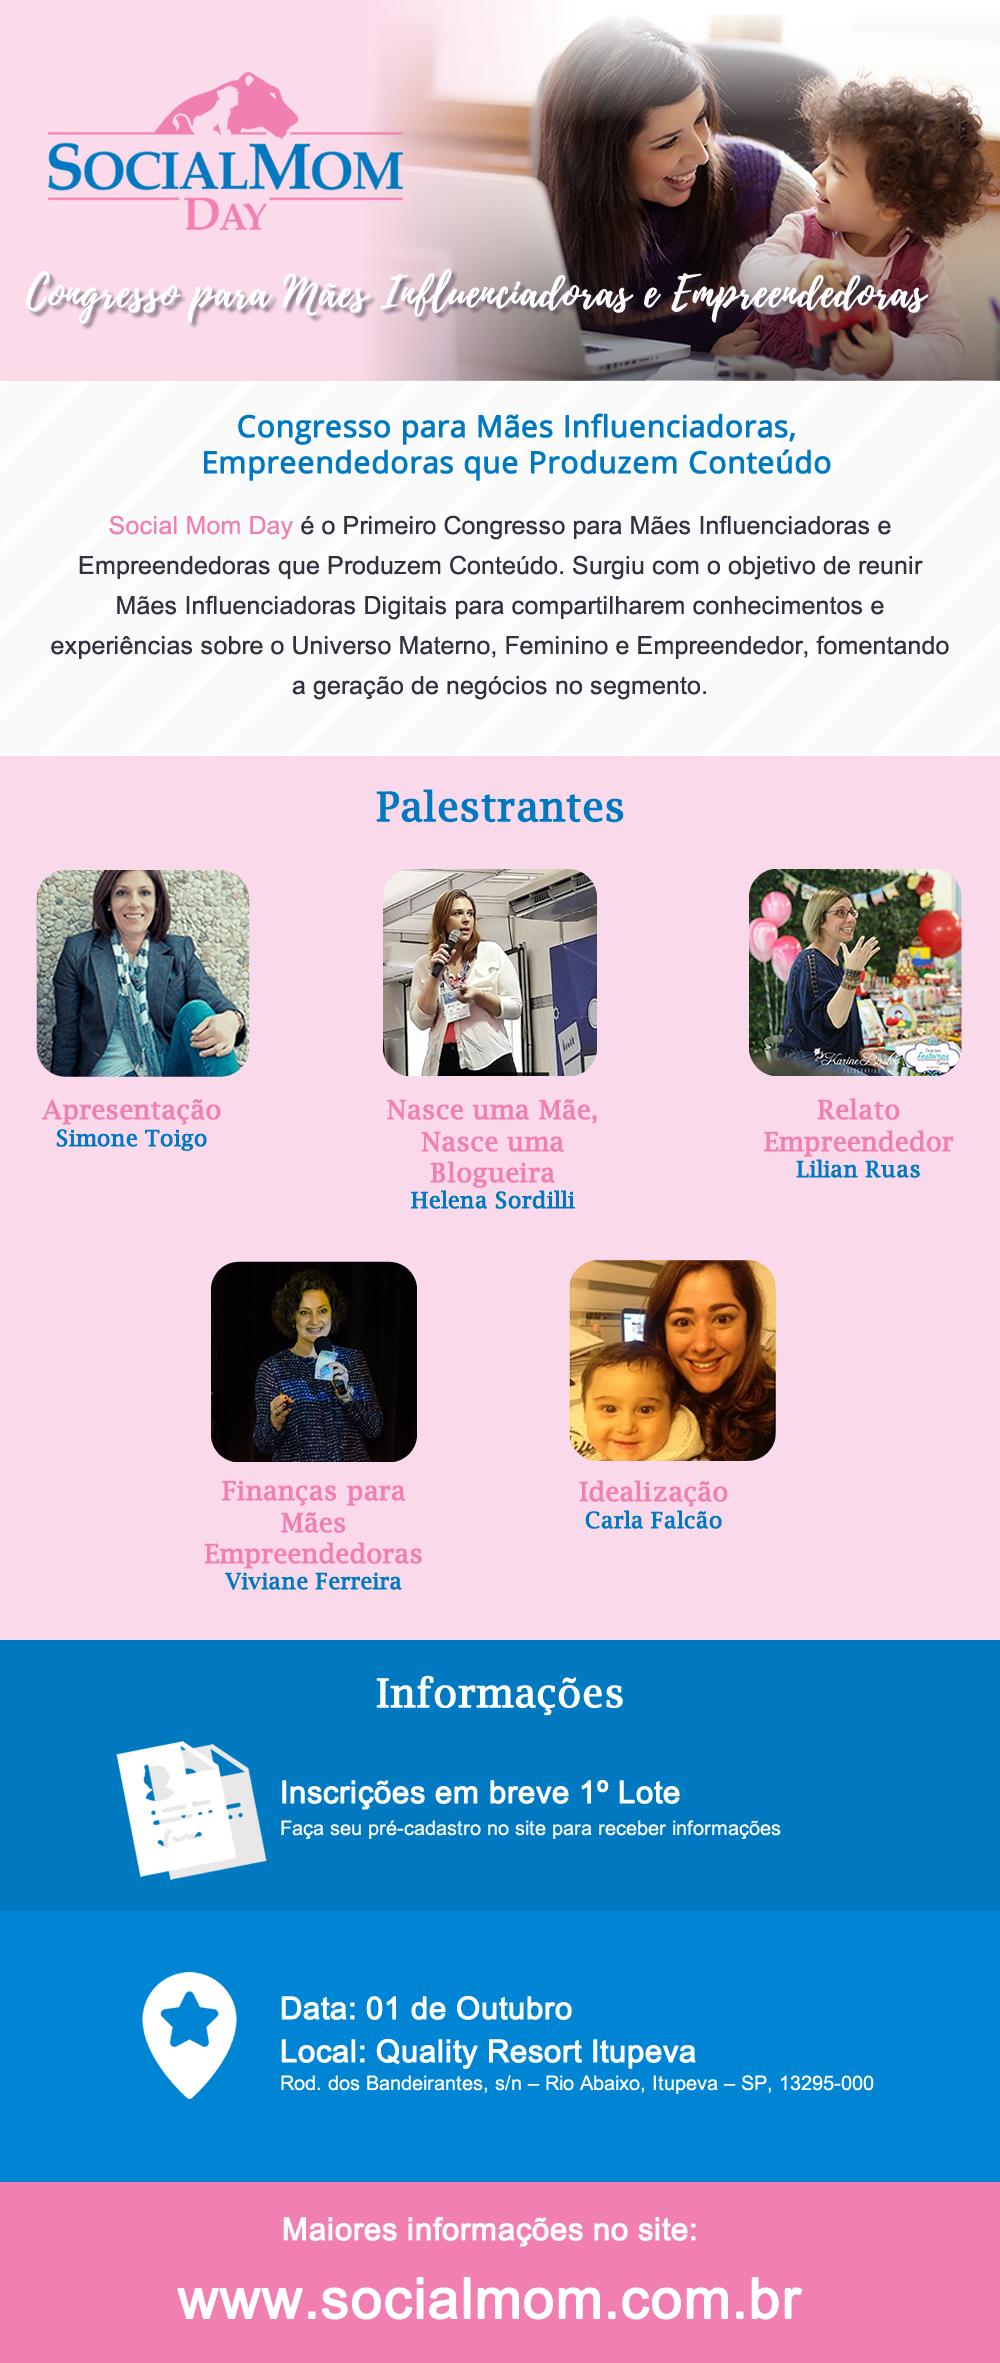 Social Mom Day | Começa as vendas do 1º Lote de Ingressos da edição 2017 Palestrantes